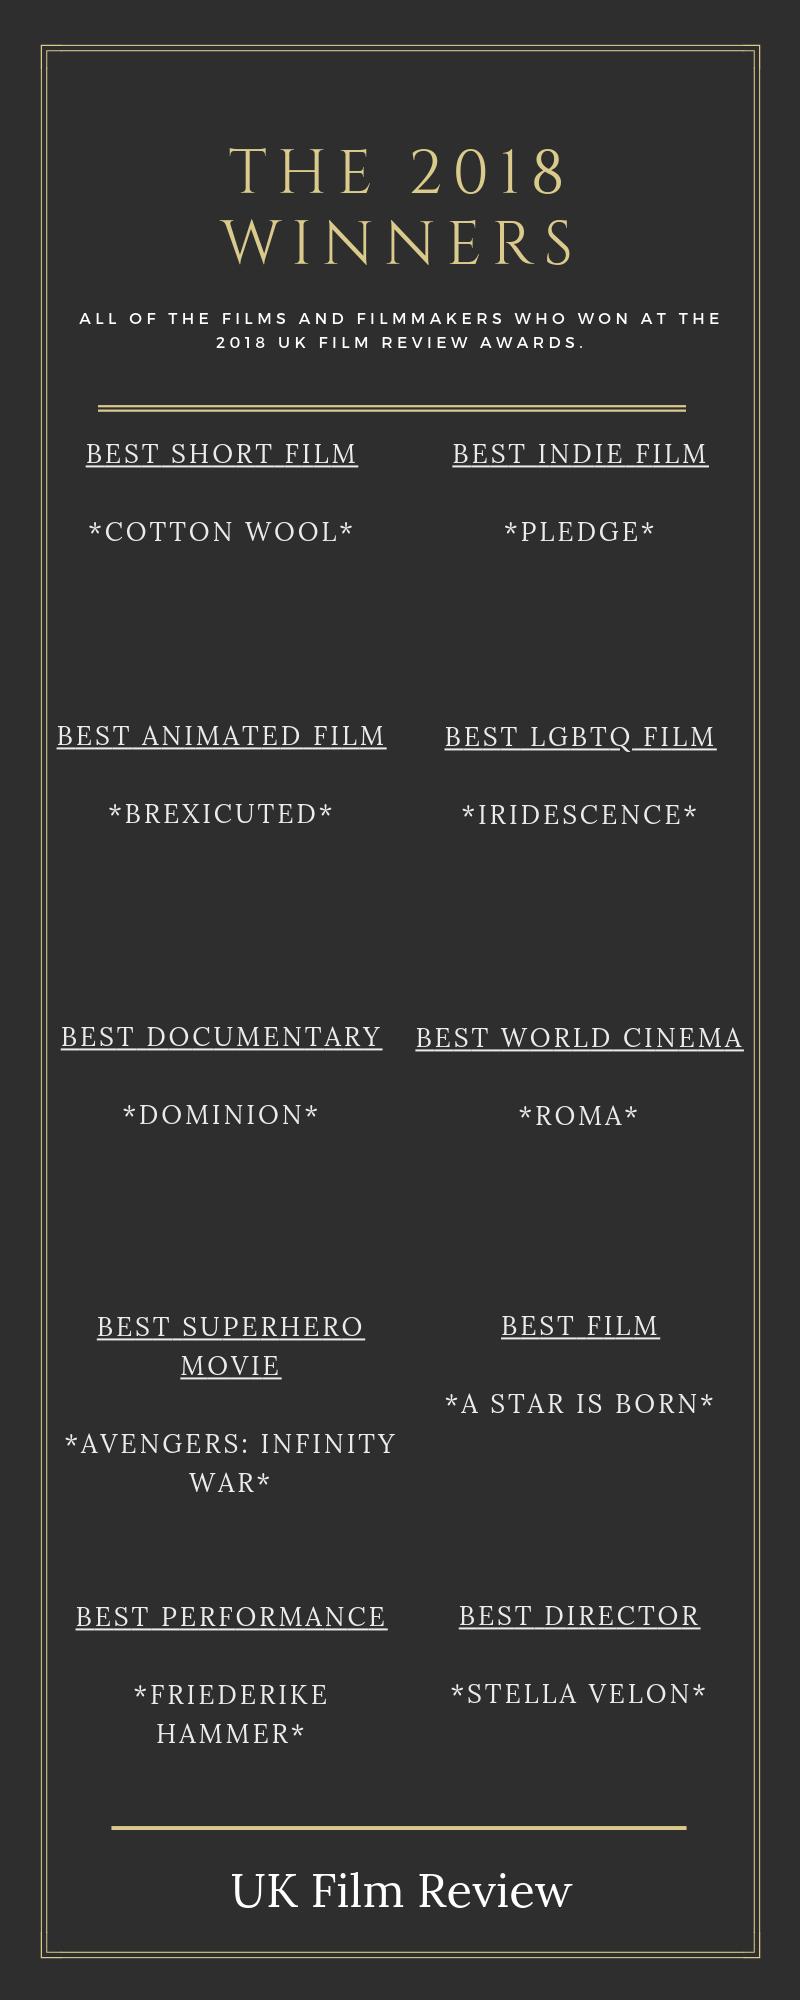 UK FILM REVIEW AWARDS - WINNER - BEST DIRECTOR - STELLA VELON ('THE CRITIC')